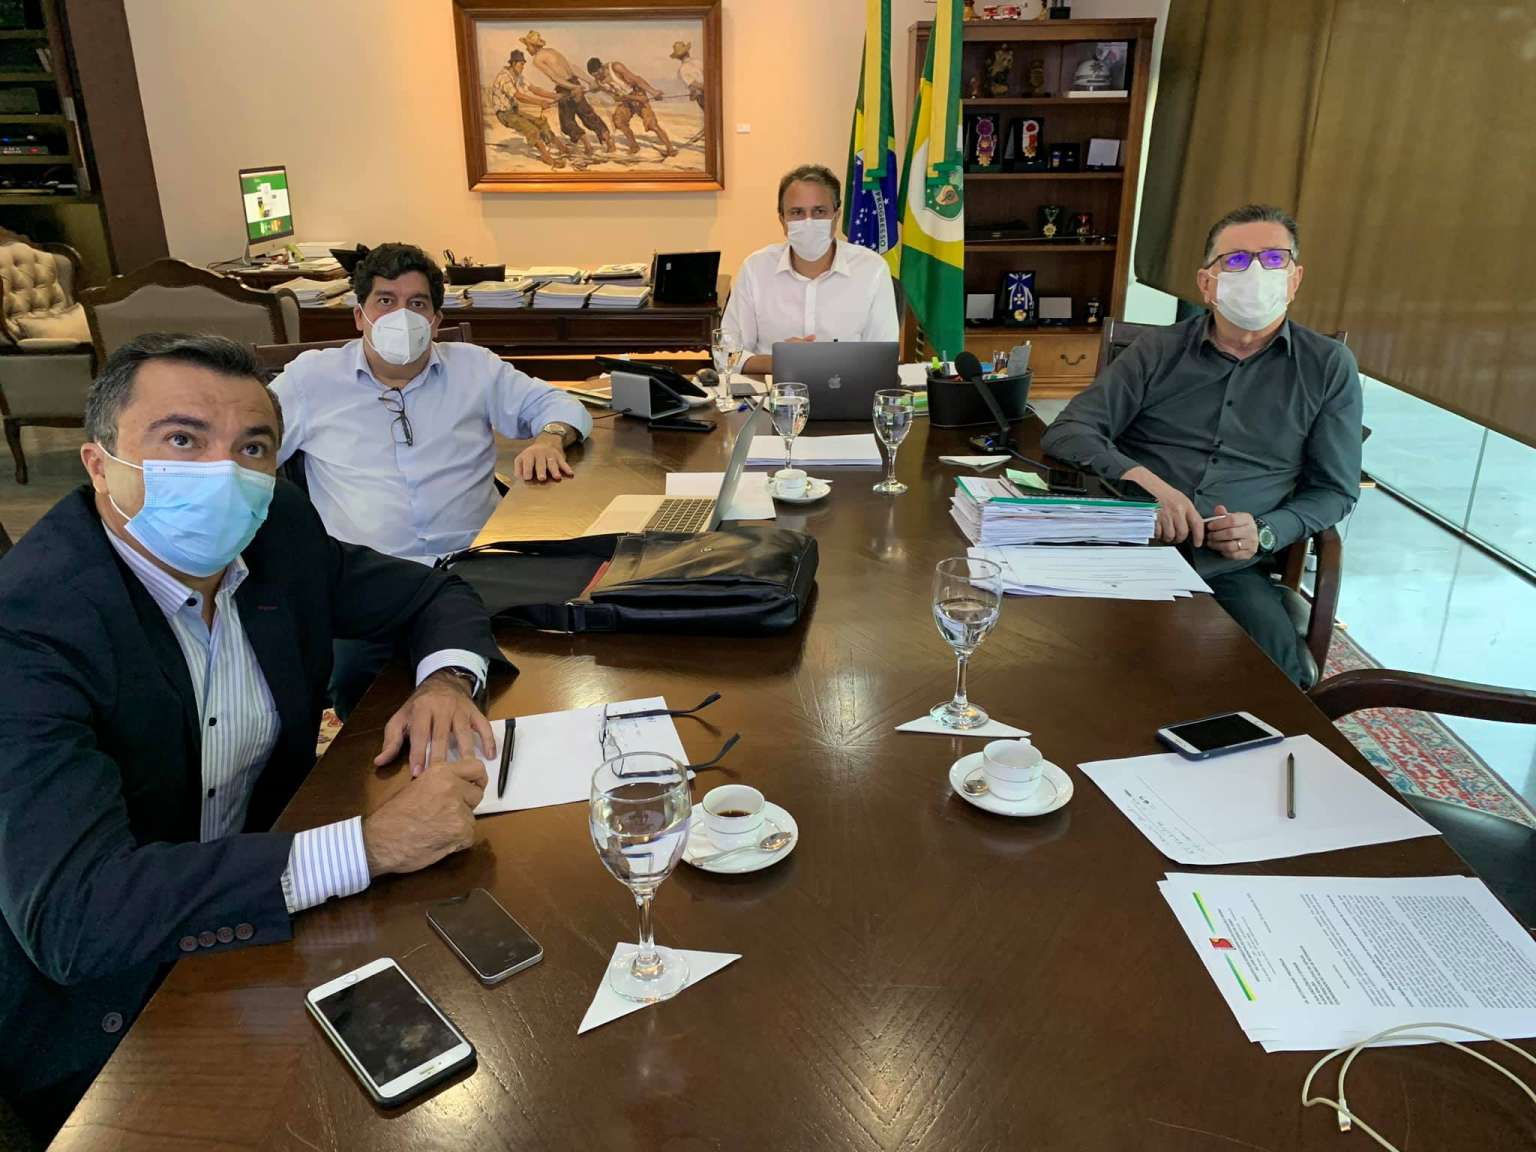 Governo do Ceará prorroga atual decreto por mais uma semana sem modificações